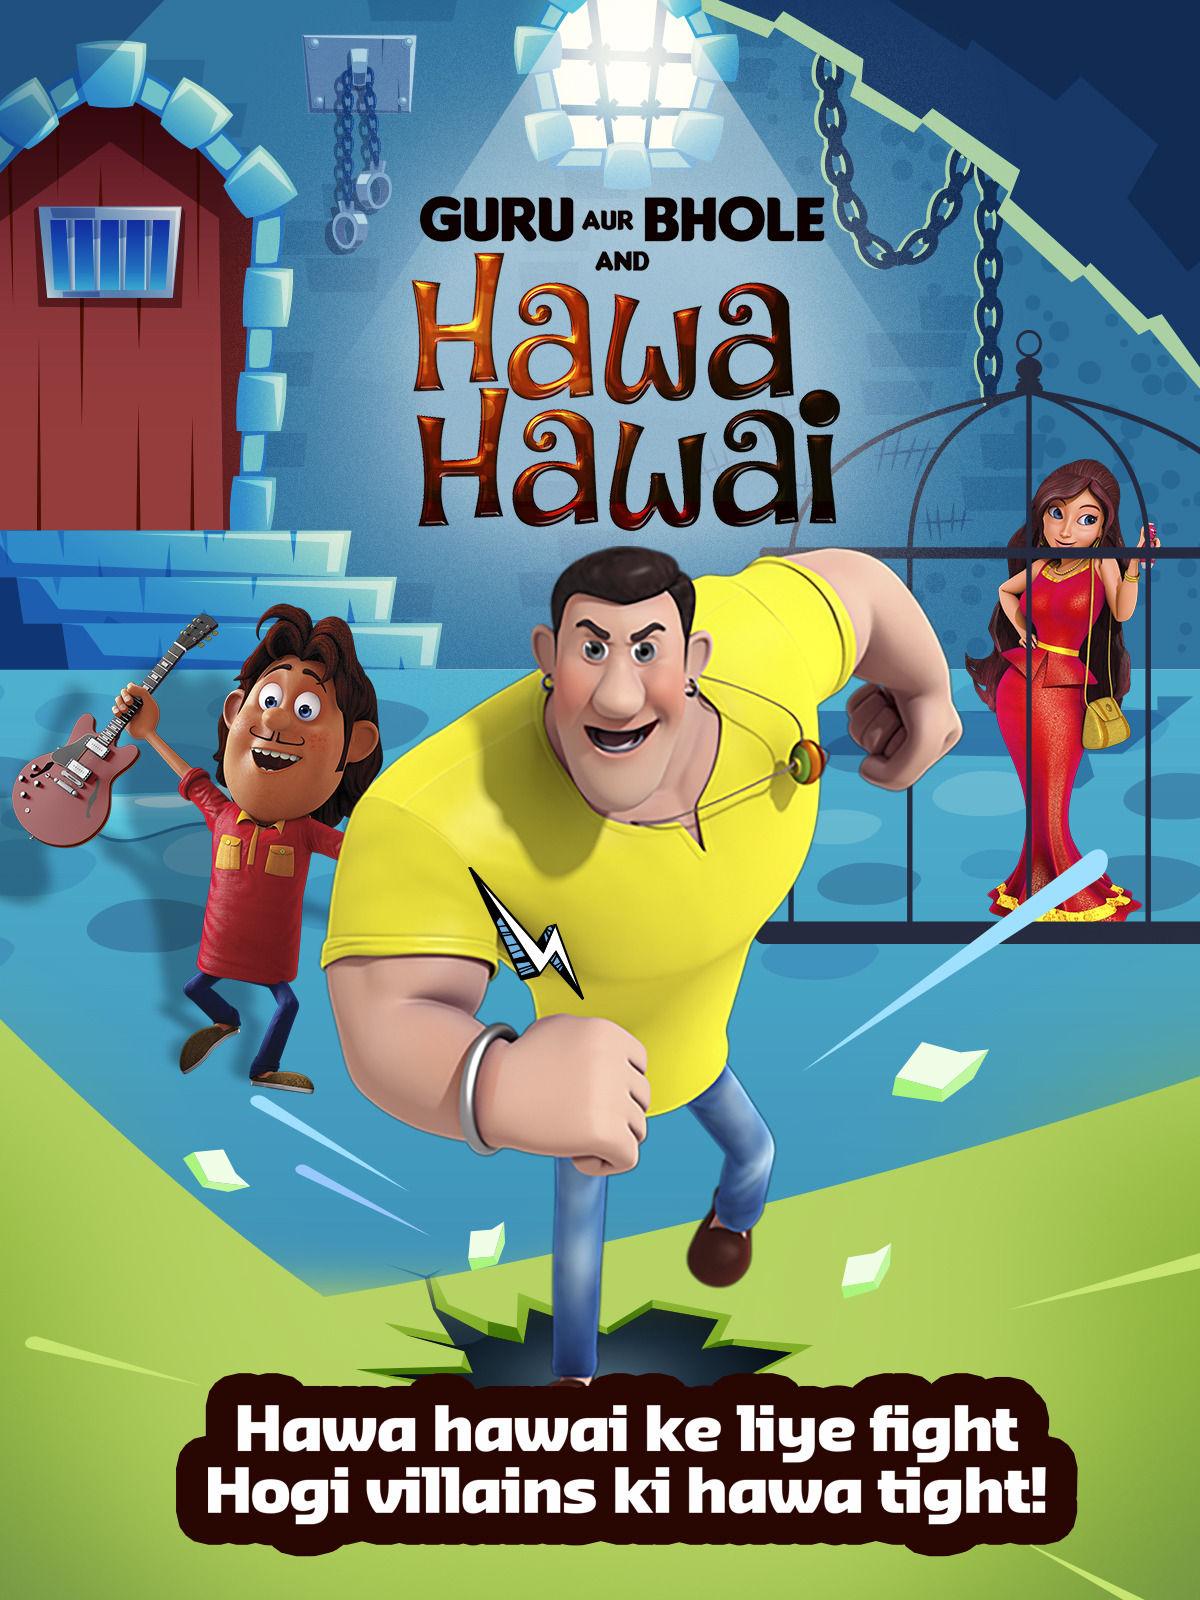 Guru Aur Bhole & Hawa Hawai